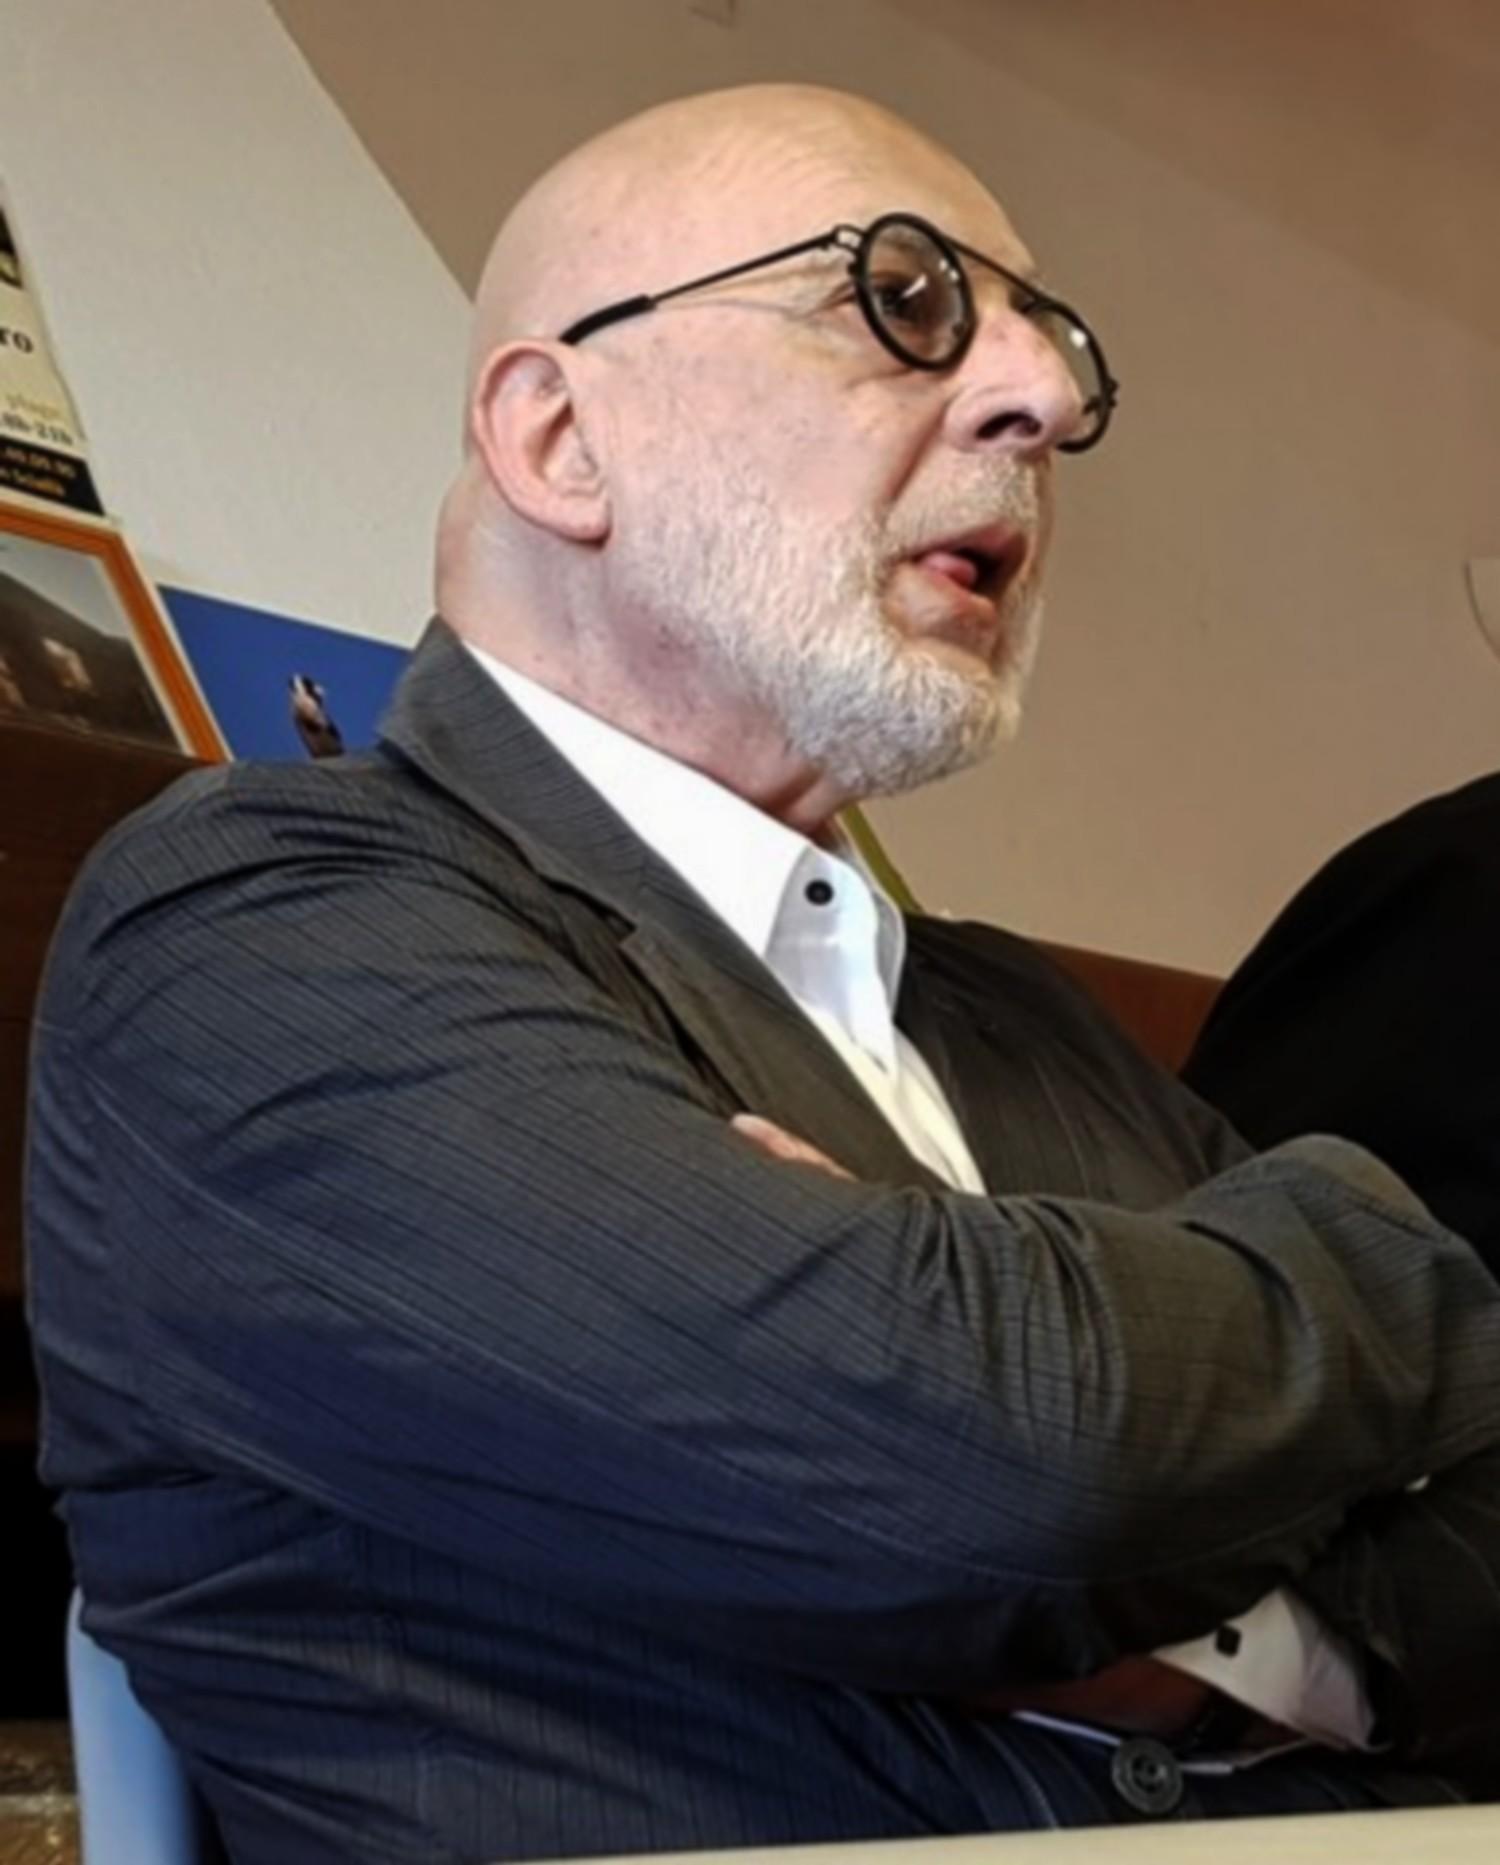 Le Dr Philippe Renault lors d'une réunion de soutien à Lumio, suite aux agressions verbales dont il a été victime en 2018